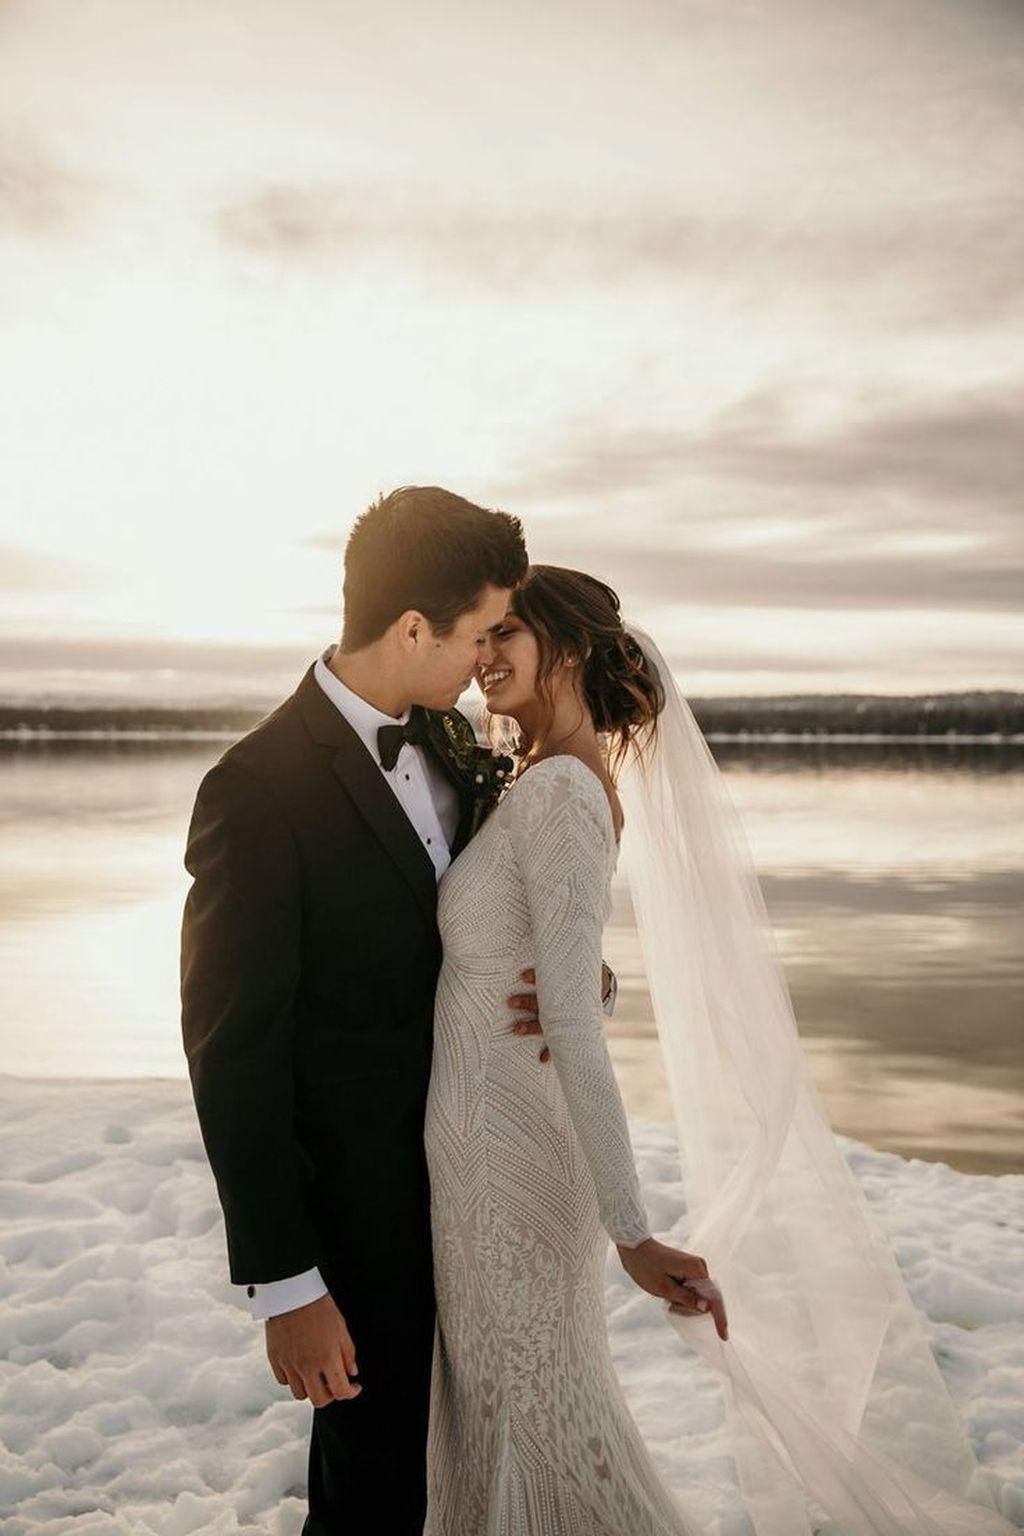 40 Die besten Winter-Hochzeitskleid-Ideen für Ihren schönen Moment